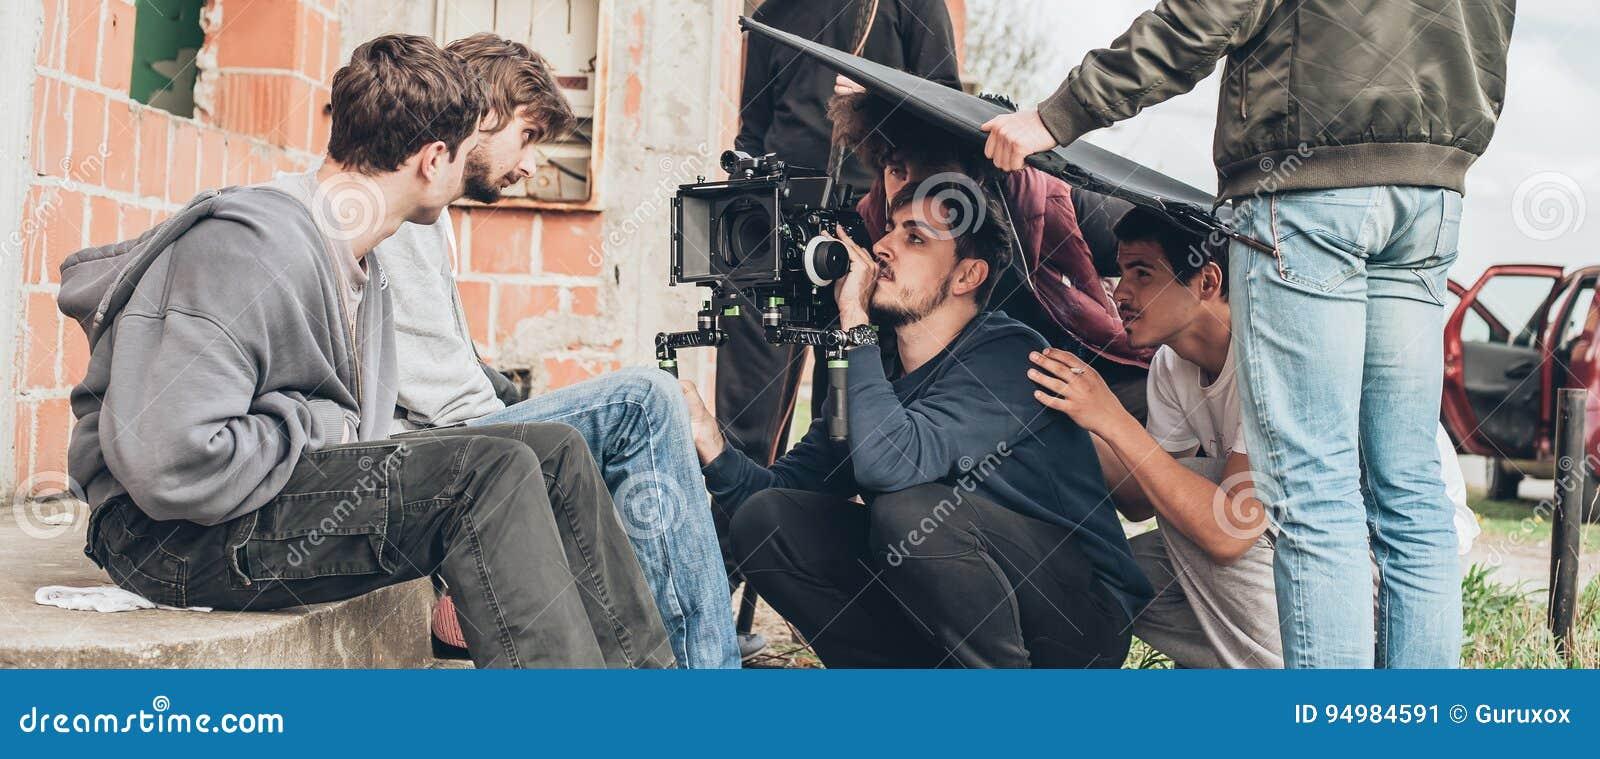 Dietro la scena Scena di film di contaminazione delle troupe cinematografica all aperto